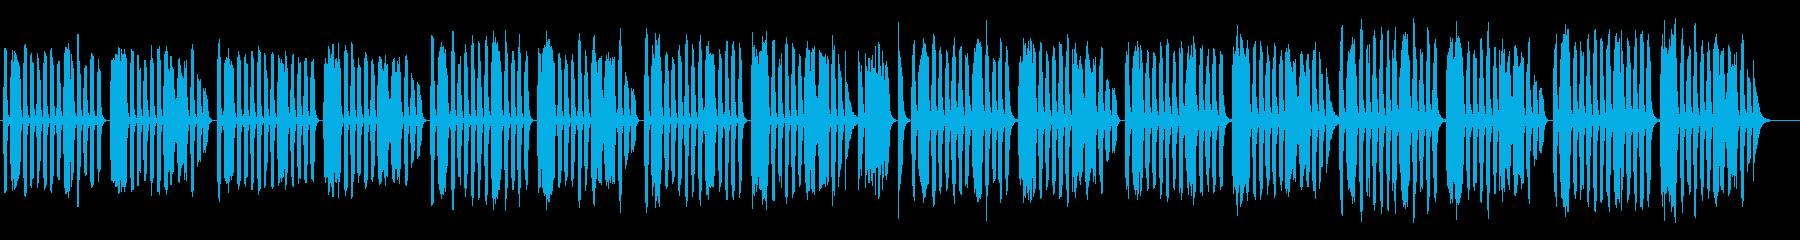 ゆる系BGM/のんびり/コミカルの再生済みの波形